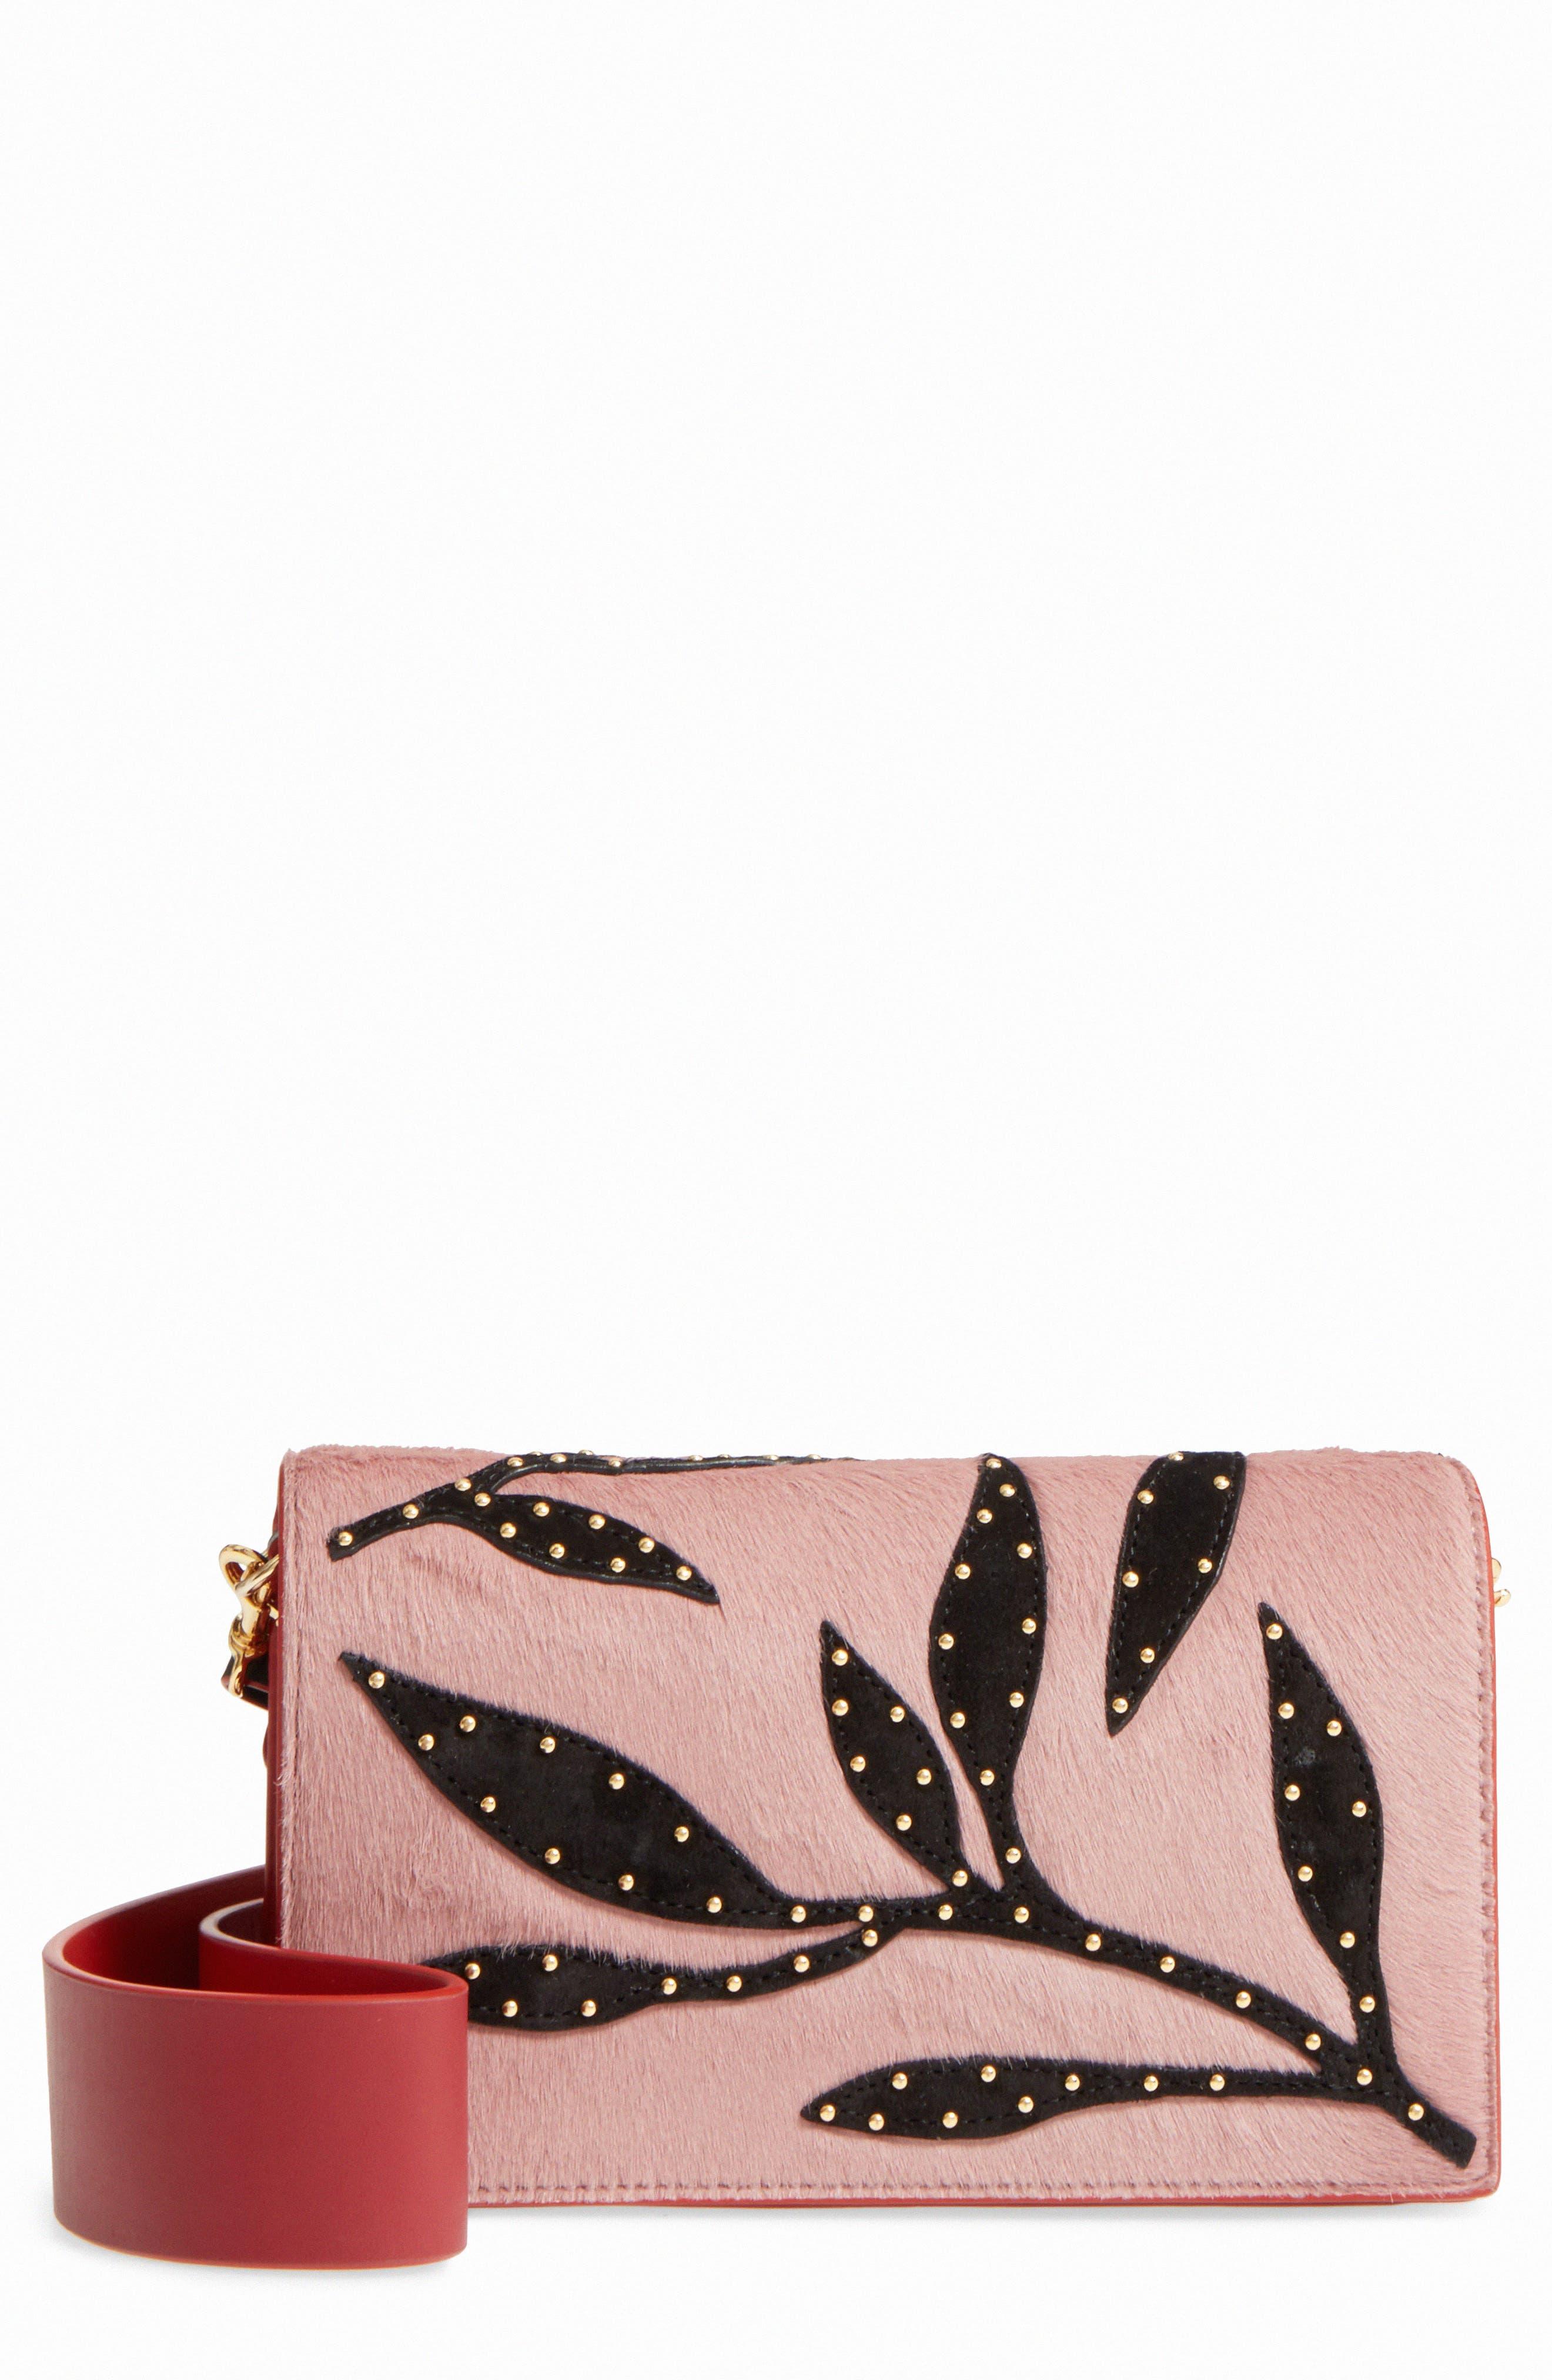 Soirée Genuine Calf Hair & Leather Convertible Shoulder Bag,                             Main thumbnail 1, color,                             Mauve